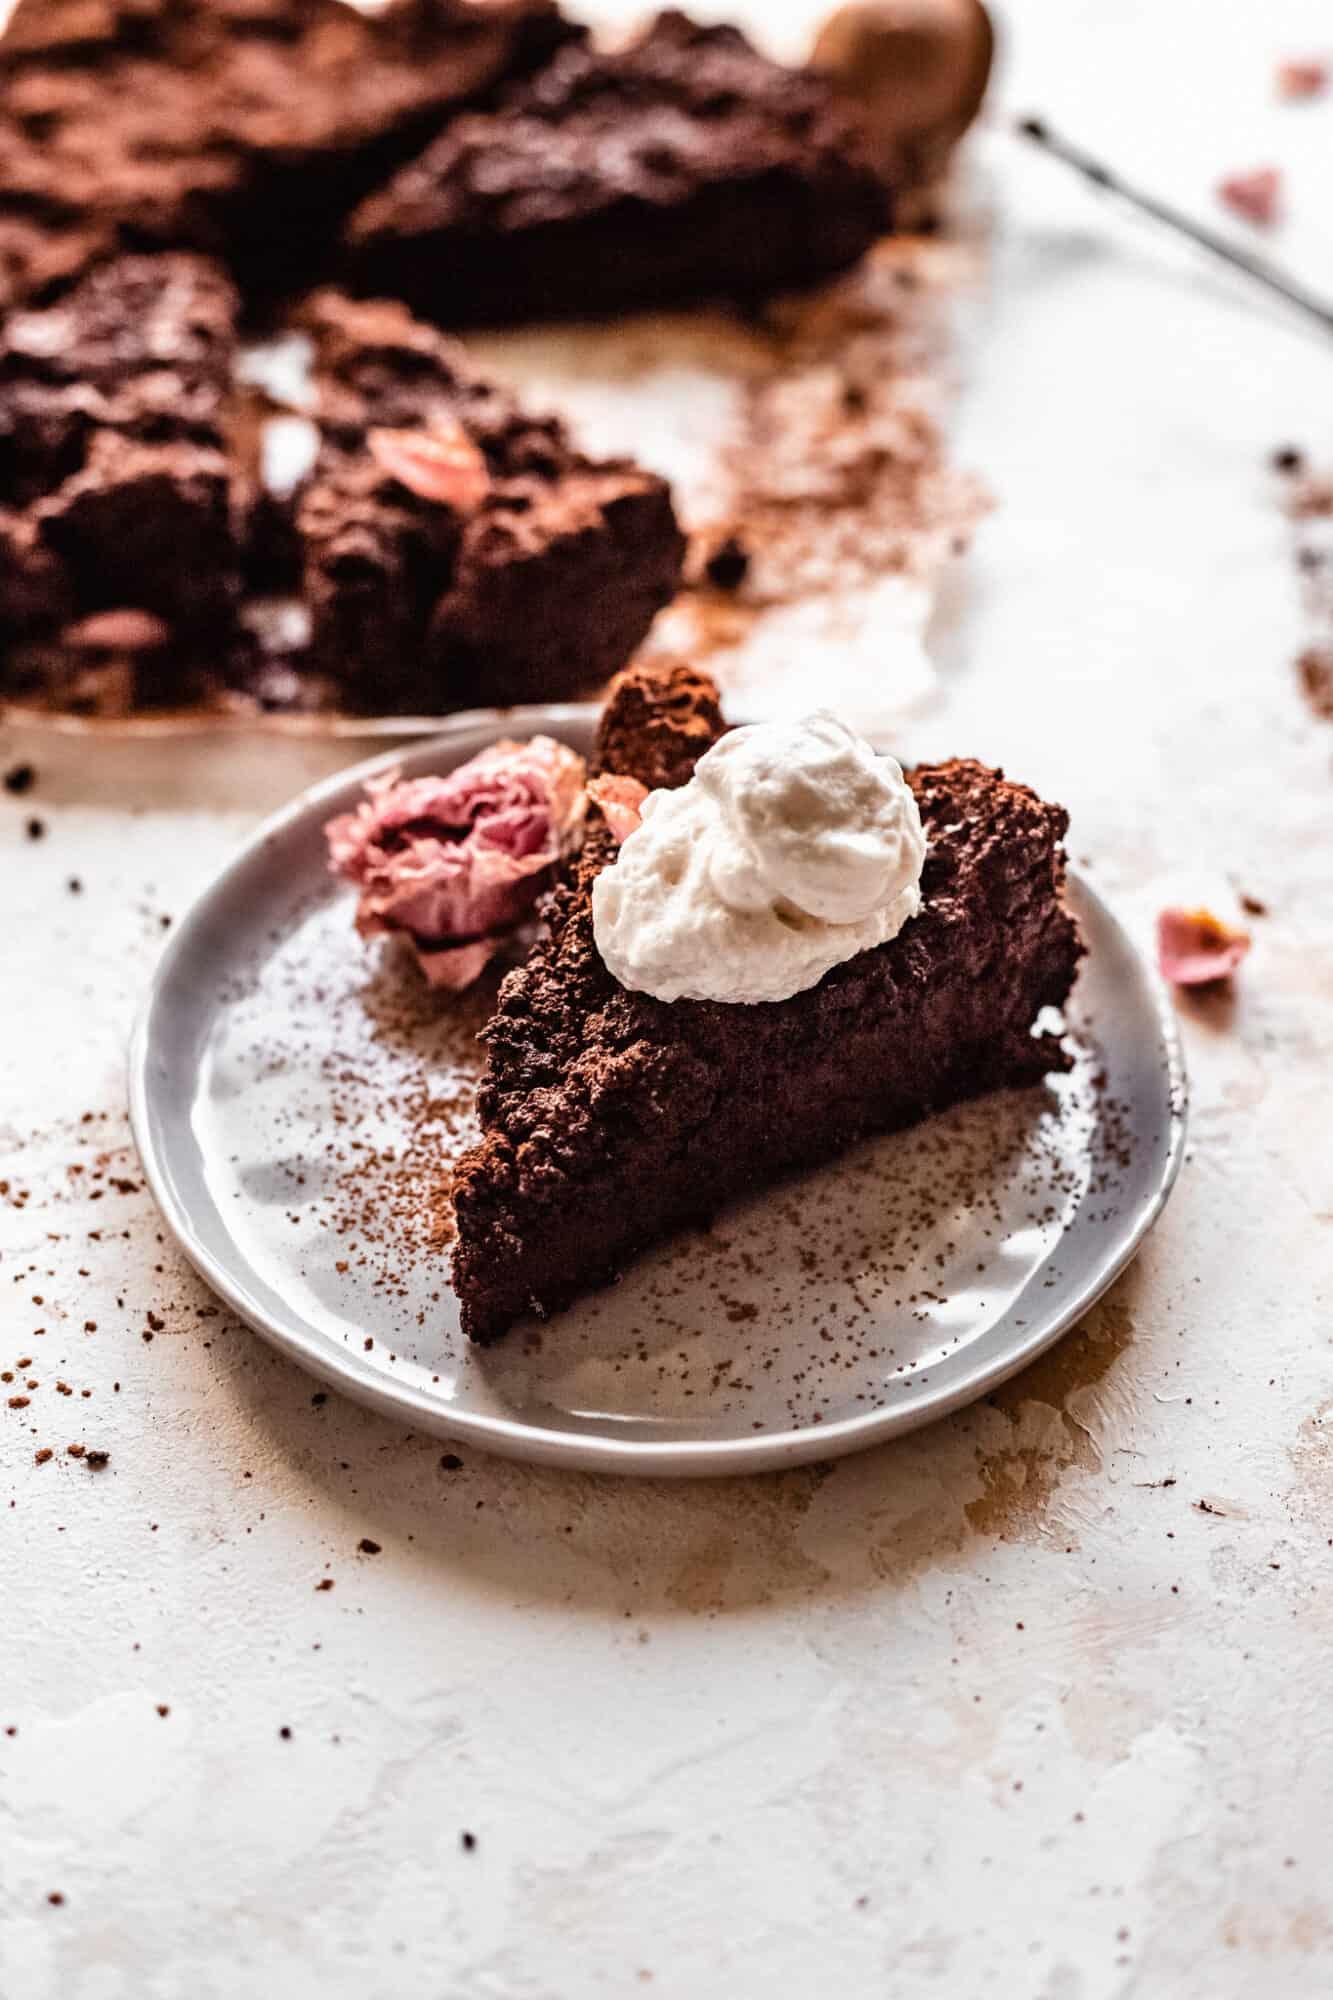 slice of paleo vegan chocolate cake